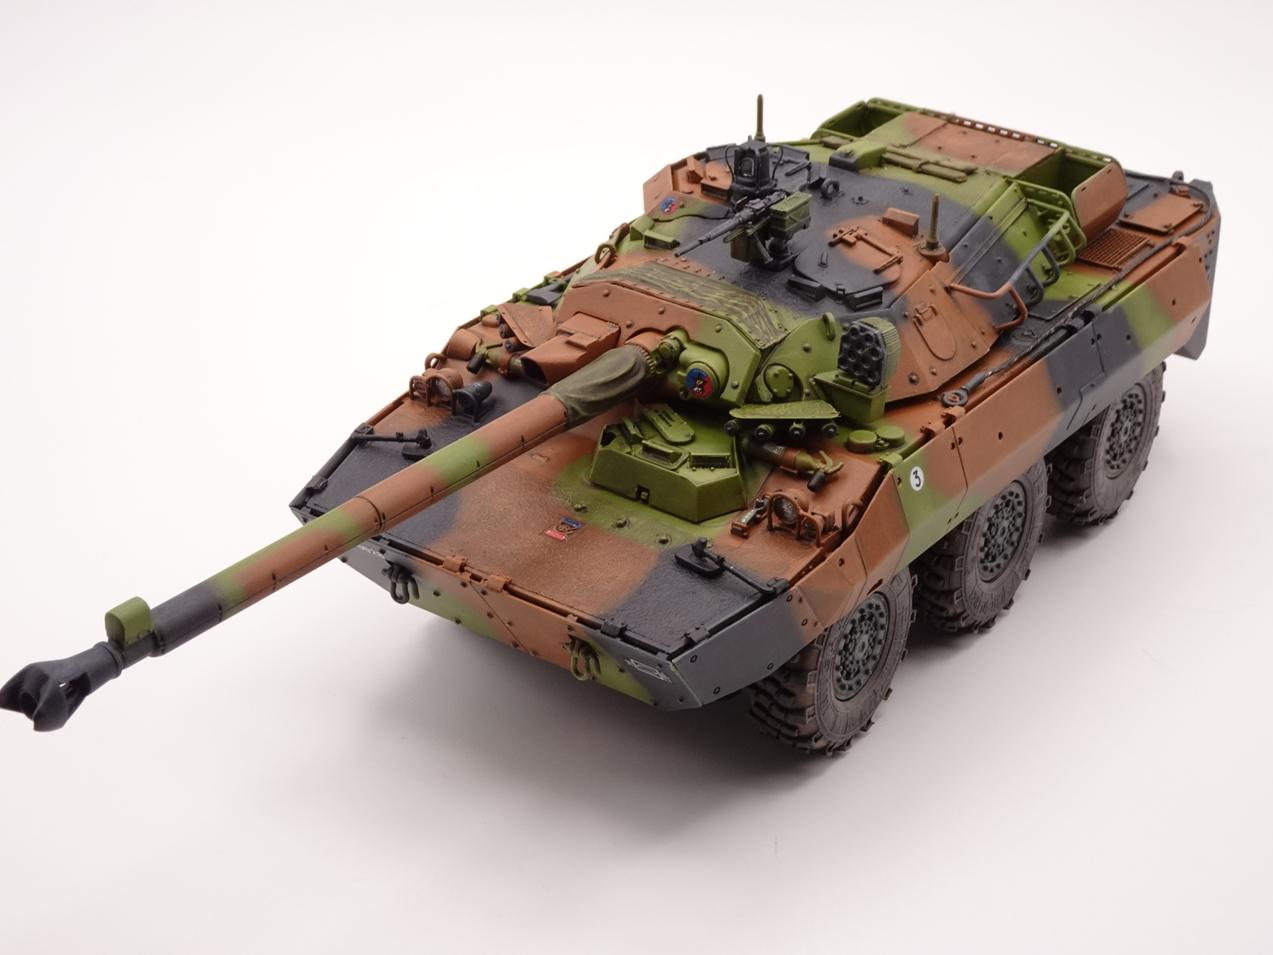 [Tiger Model] AMX-10RCR réf. 4602 - 1/35 - Page 4 Amx10-fin-1